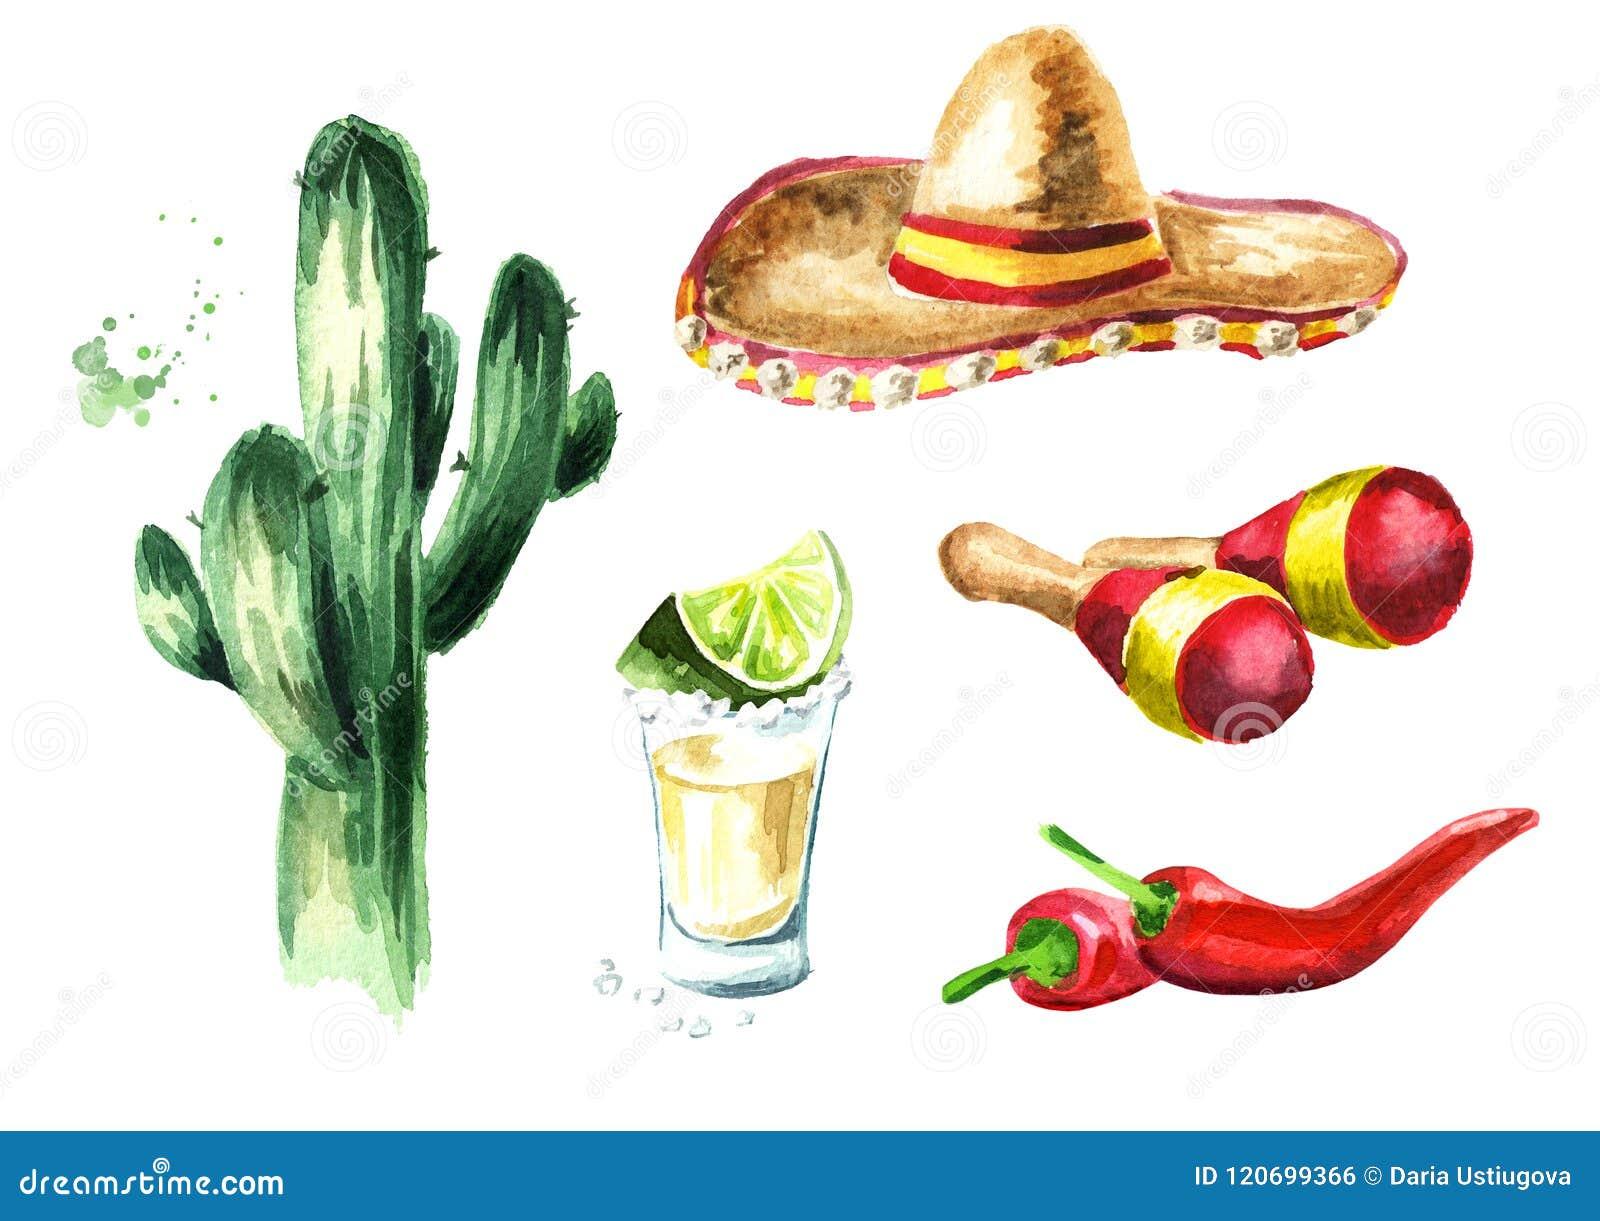 De reeks van Mexico Cactus, sombrerohoed, maracas, Spaanse peperpeper, glas van tequila met kalk en zout Hand getrokken waterverf